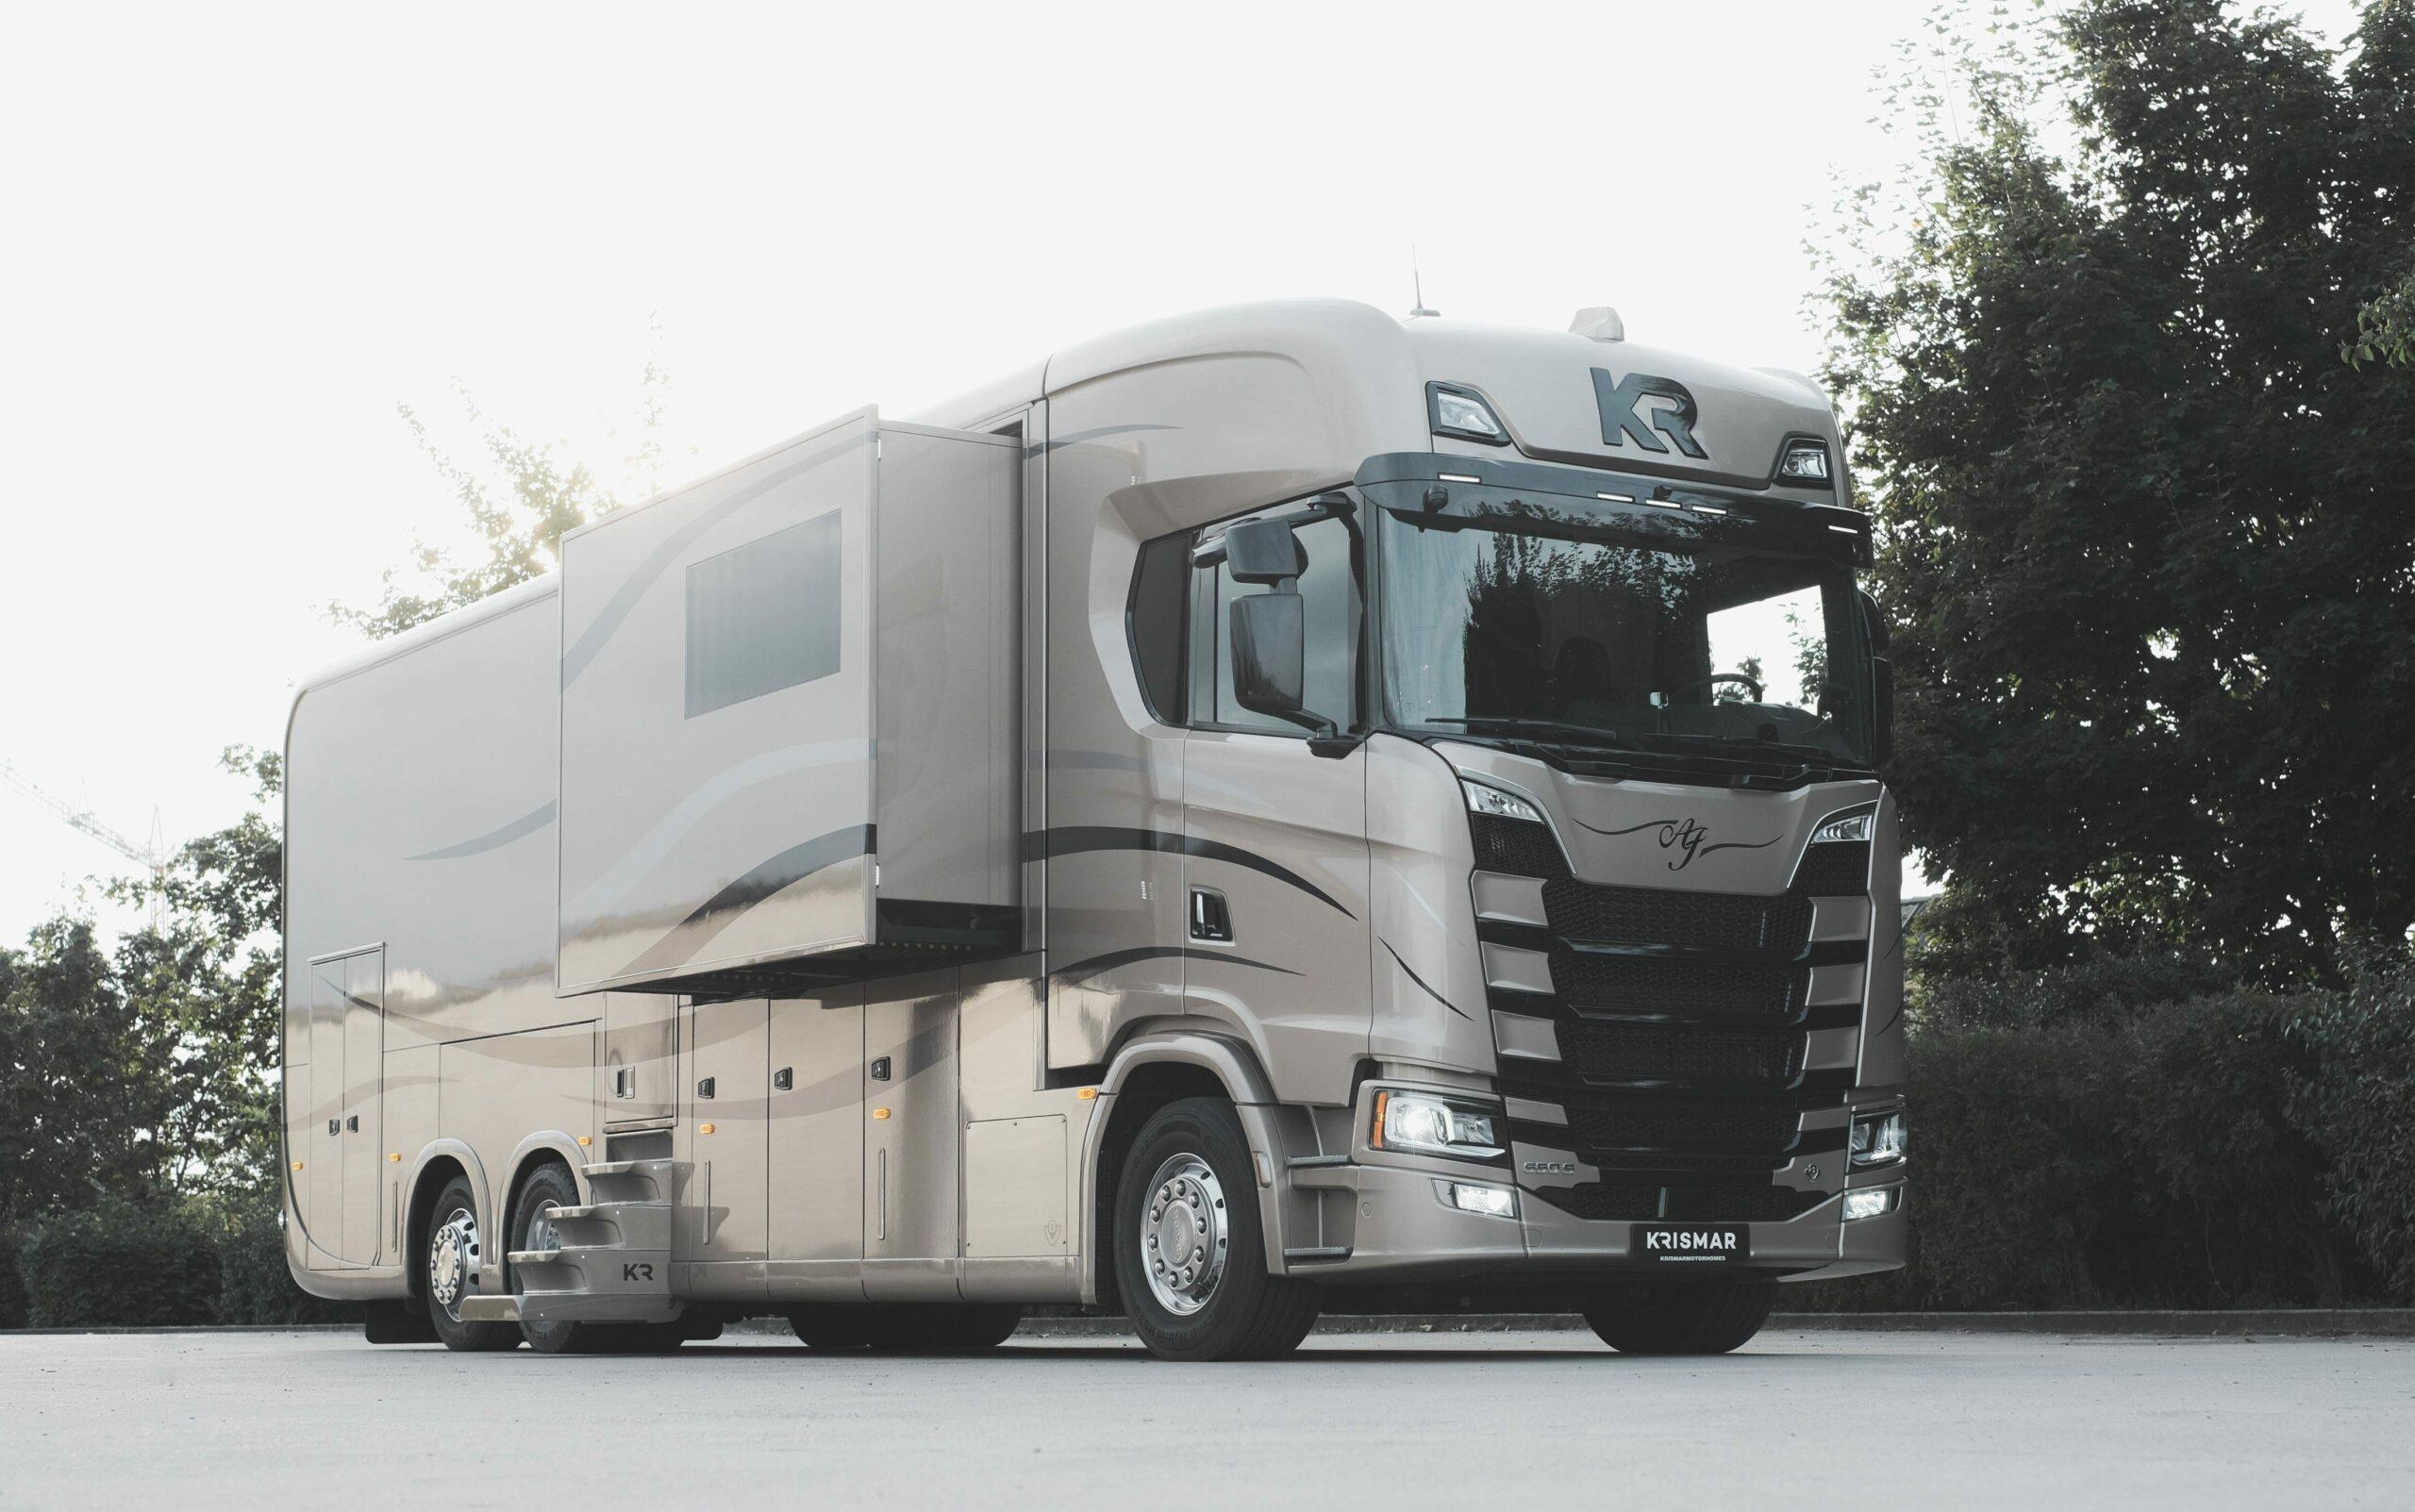 Een foto van een exclusieve Krismar Motorhome gebouwd op een Scania chassis.